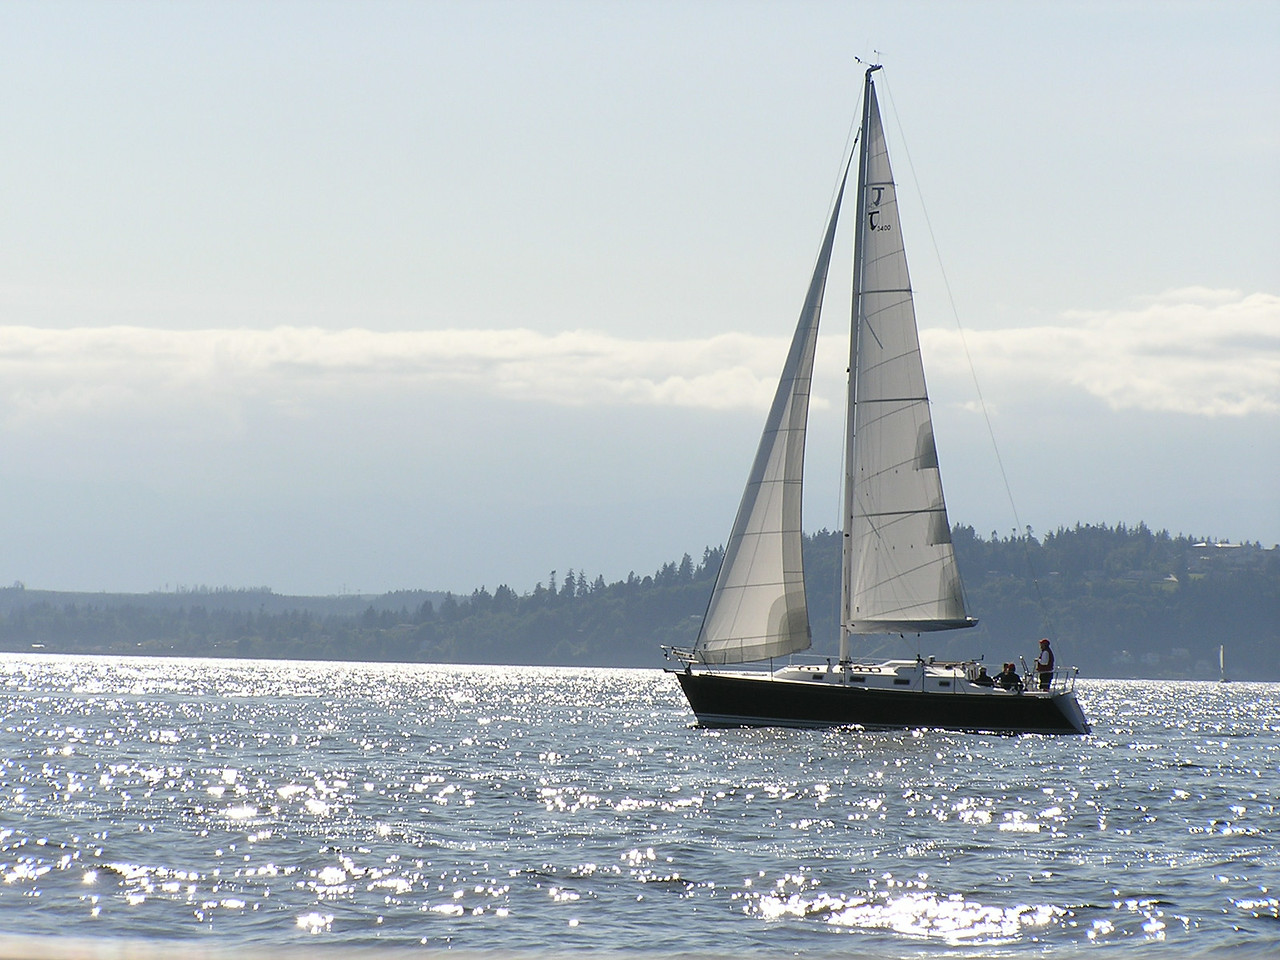 07 05 28 sail 017